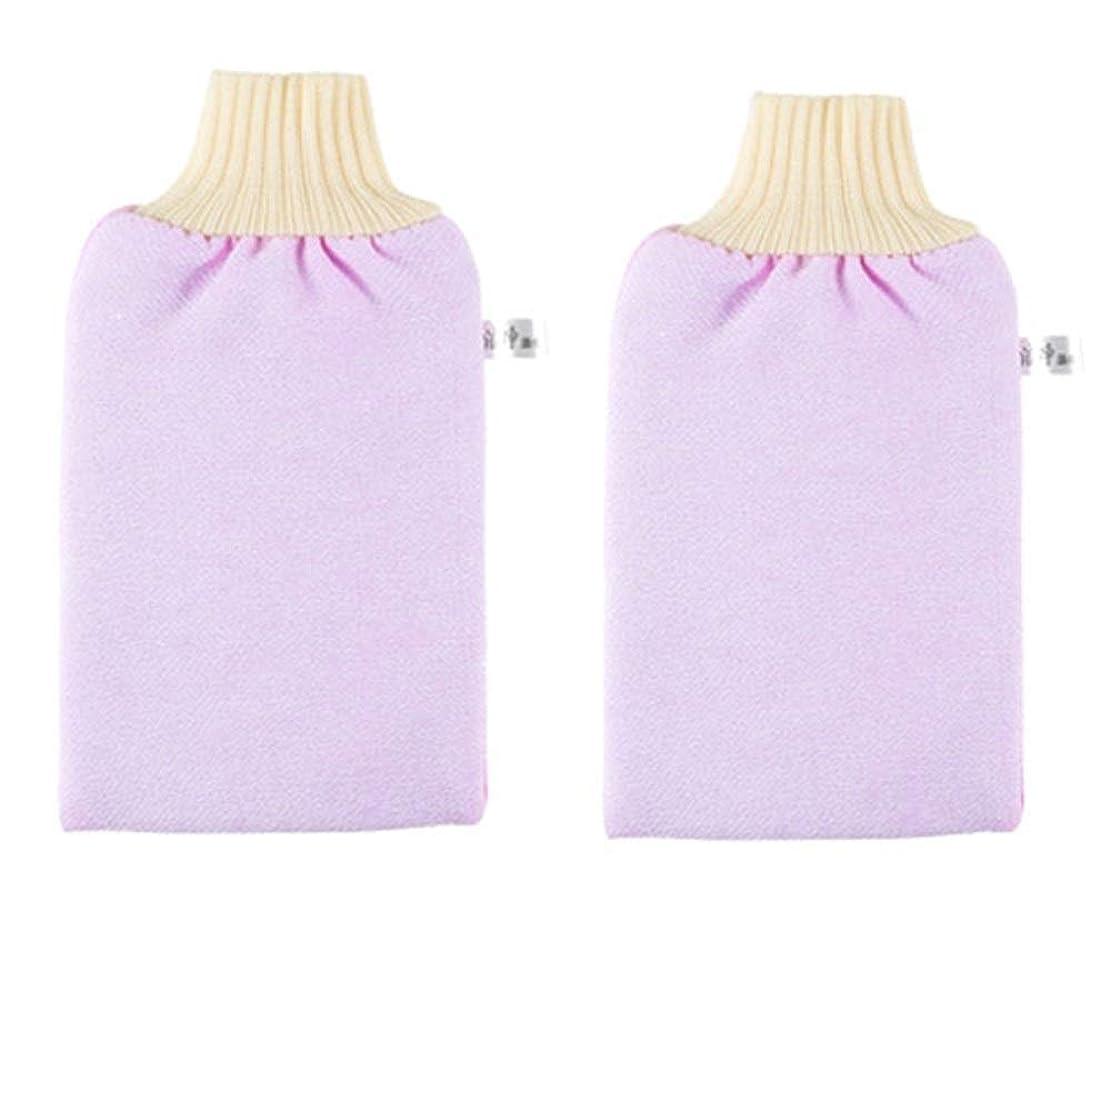 債権者後世ロケーションBTXXYJP お風呂用手袋 シャワー手袋 あかすり ボディブラシ やわらか ボディタオル 角質除去 (Color : Pink-2 packs)